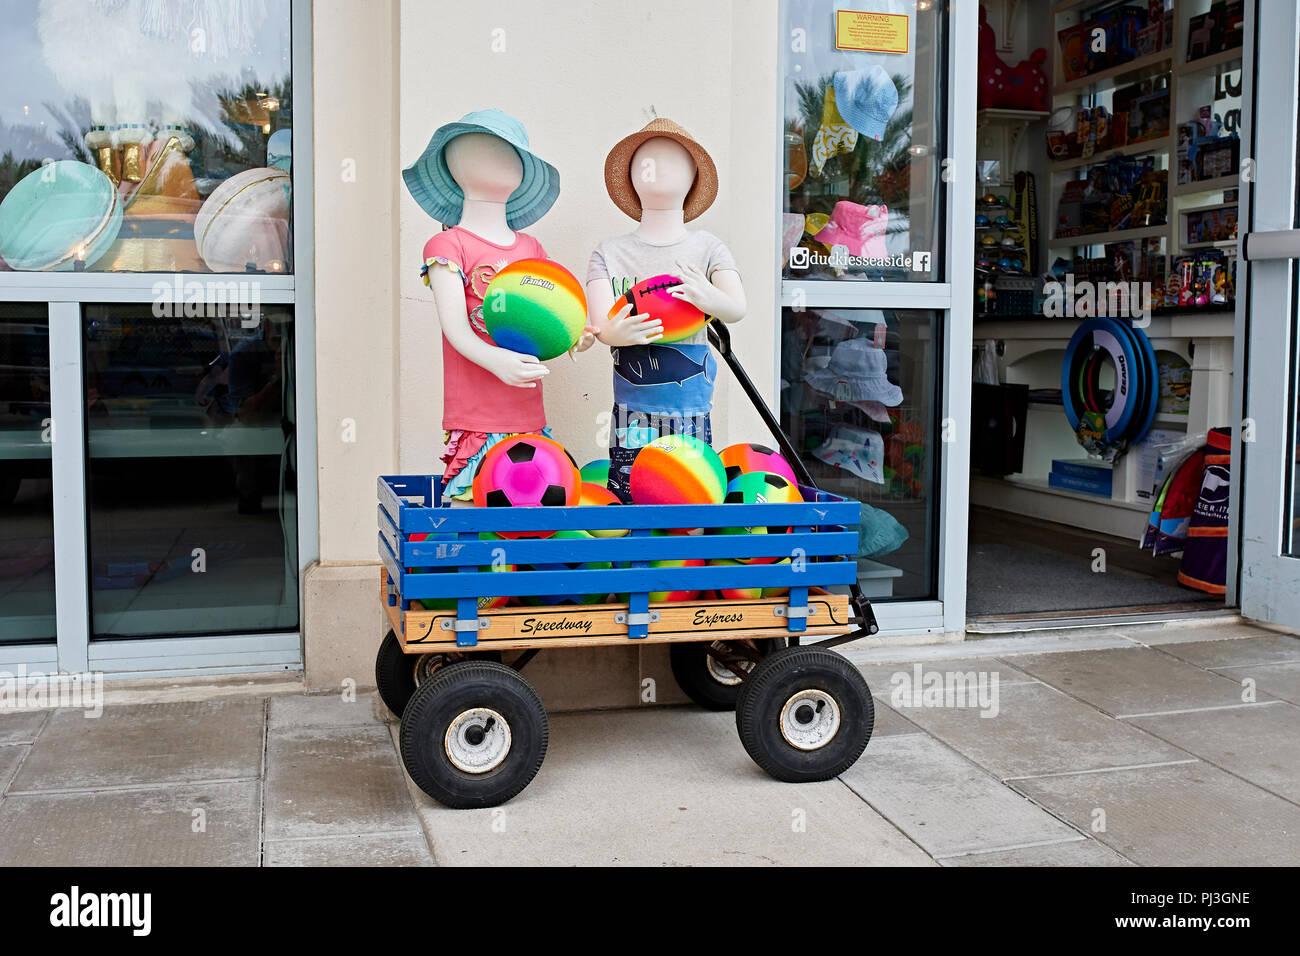 Tienda pantalla exterior de coloridas prendas para niños y juguetes de playa en la parte delantera acera en Seaside, Florida, EE.UU. Imagen De Stock